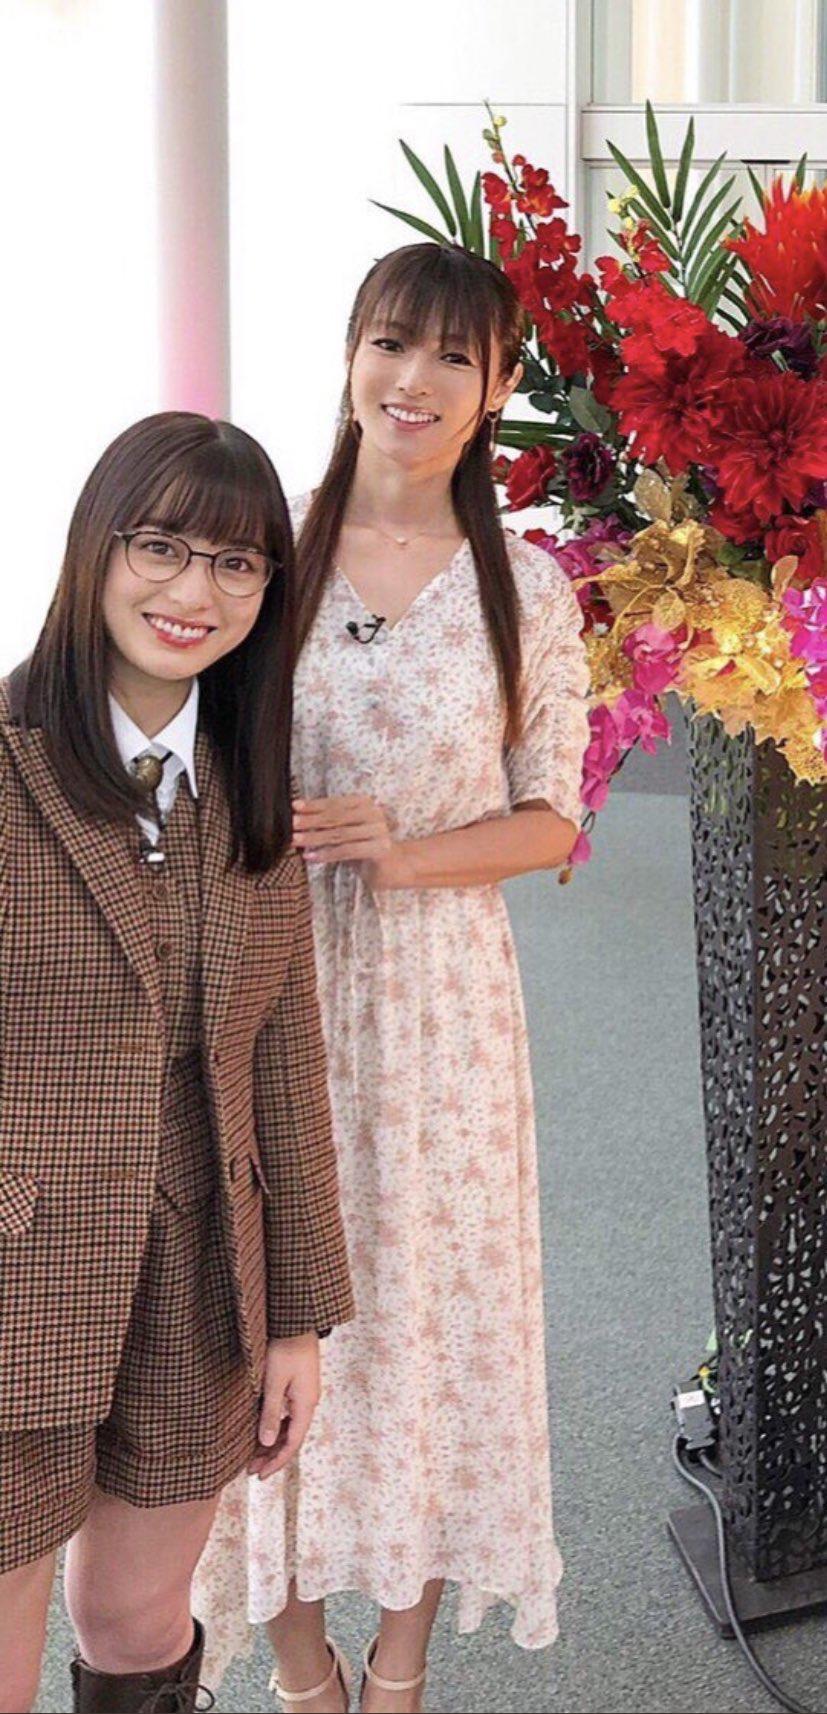 【悲報】橋本環奈さん、38歳のおばさんに可愛さで負ける